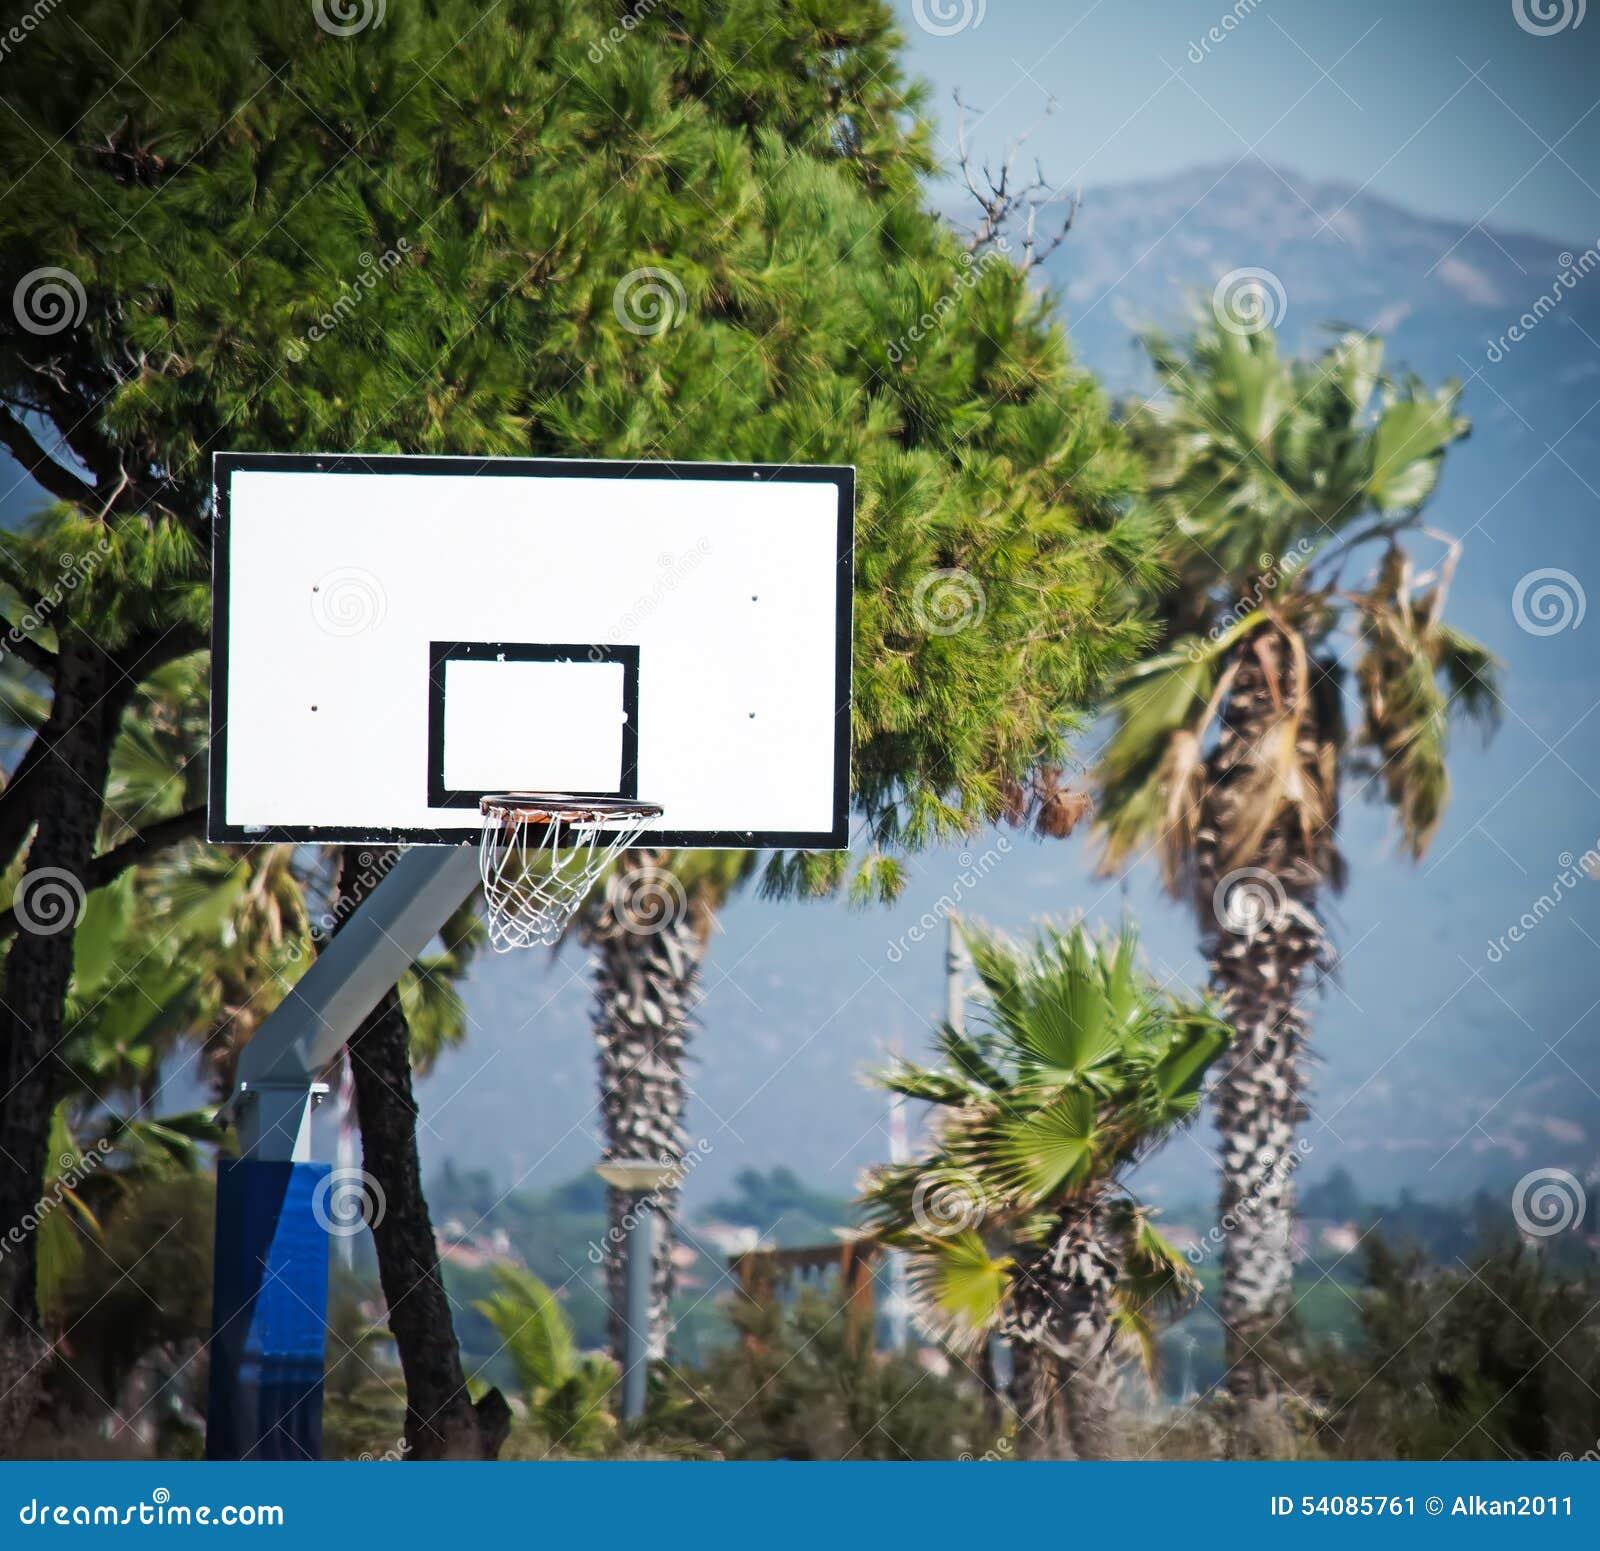 Basketbalhoepel in een groen park